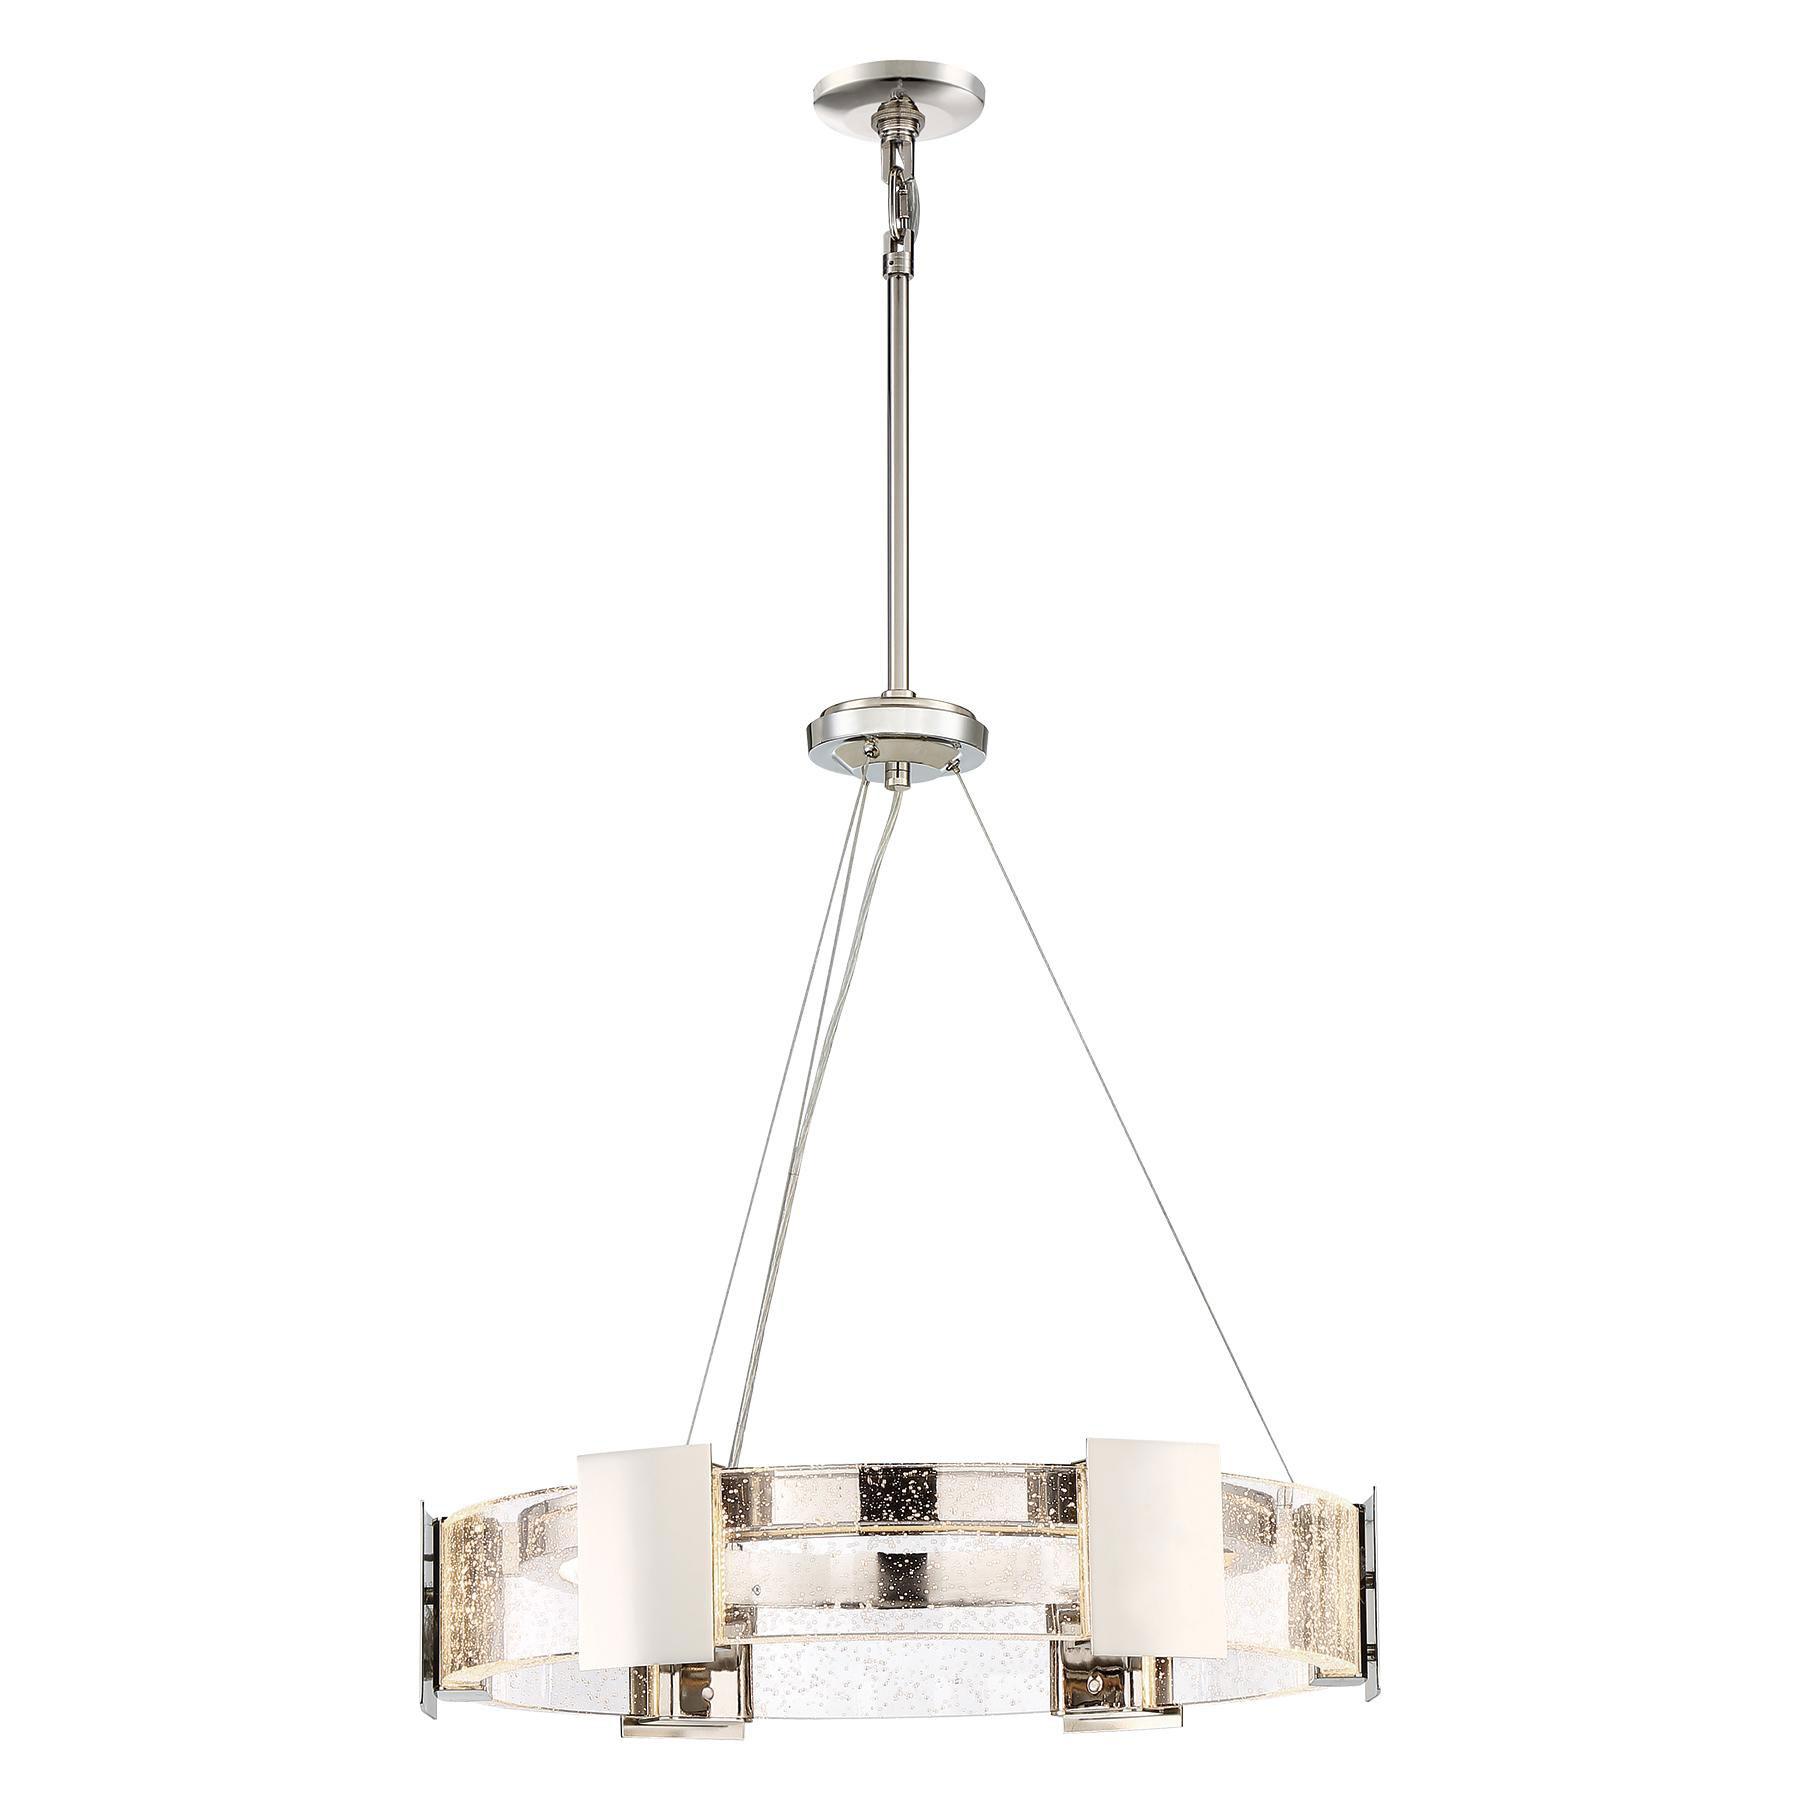 Chandelier by metropolitan lighting n7236 613 l stellaris chandelier by metropolitan lighting n7236 613 l arubaitofo Gallery